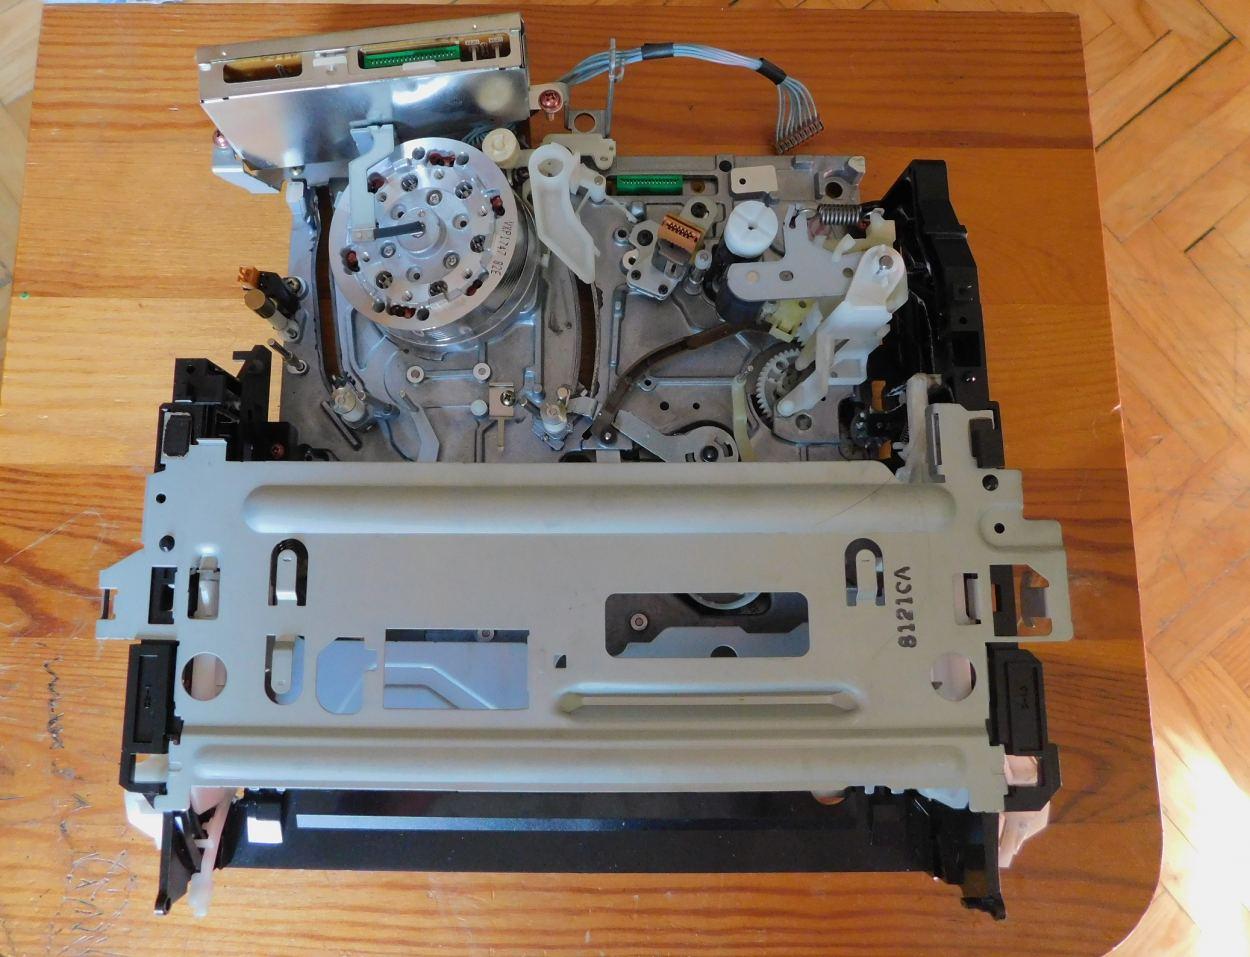 DSCN1225.JPG.a3580d8e8a303761df627dc68356e5f9.JPG